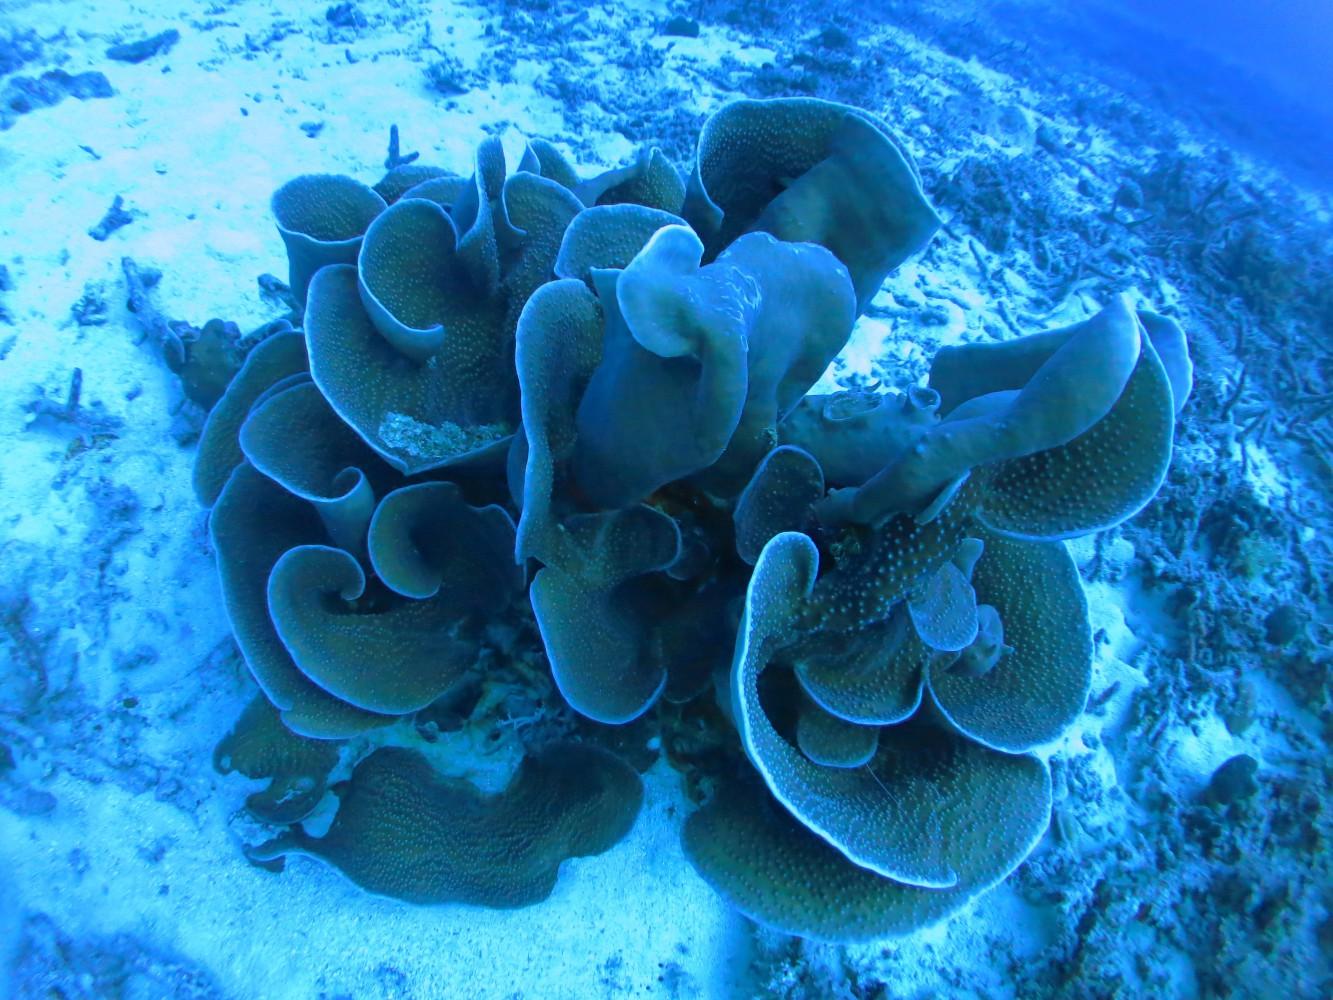 サンゴのアート作品